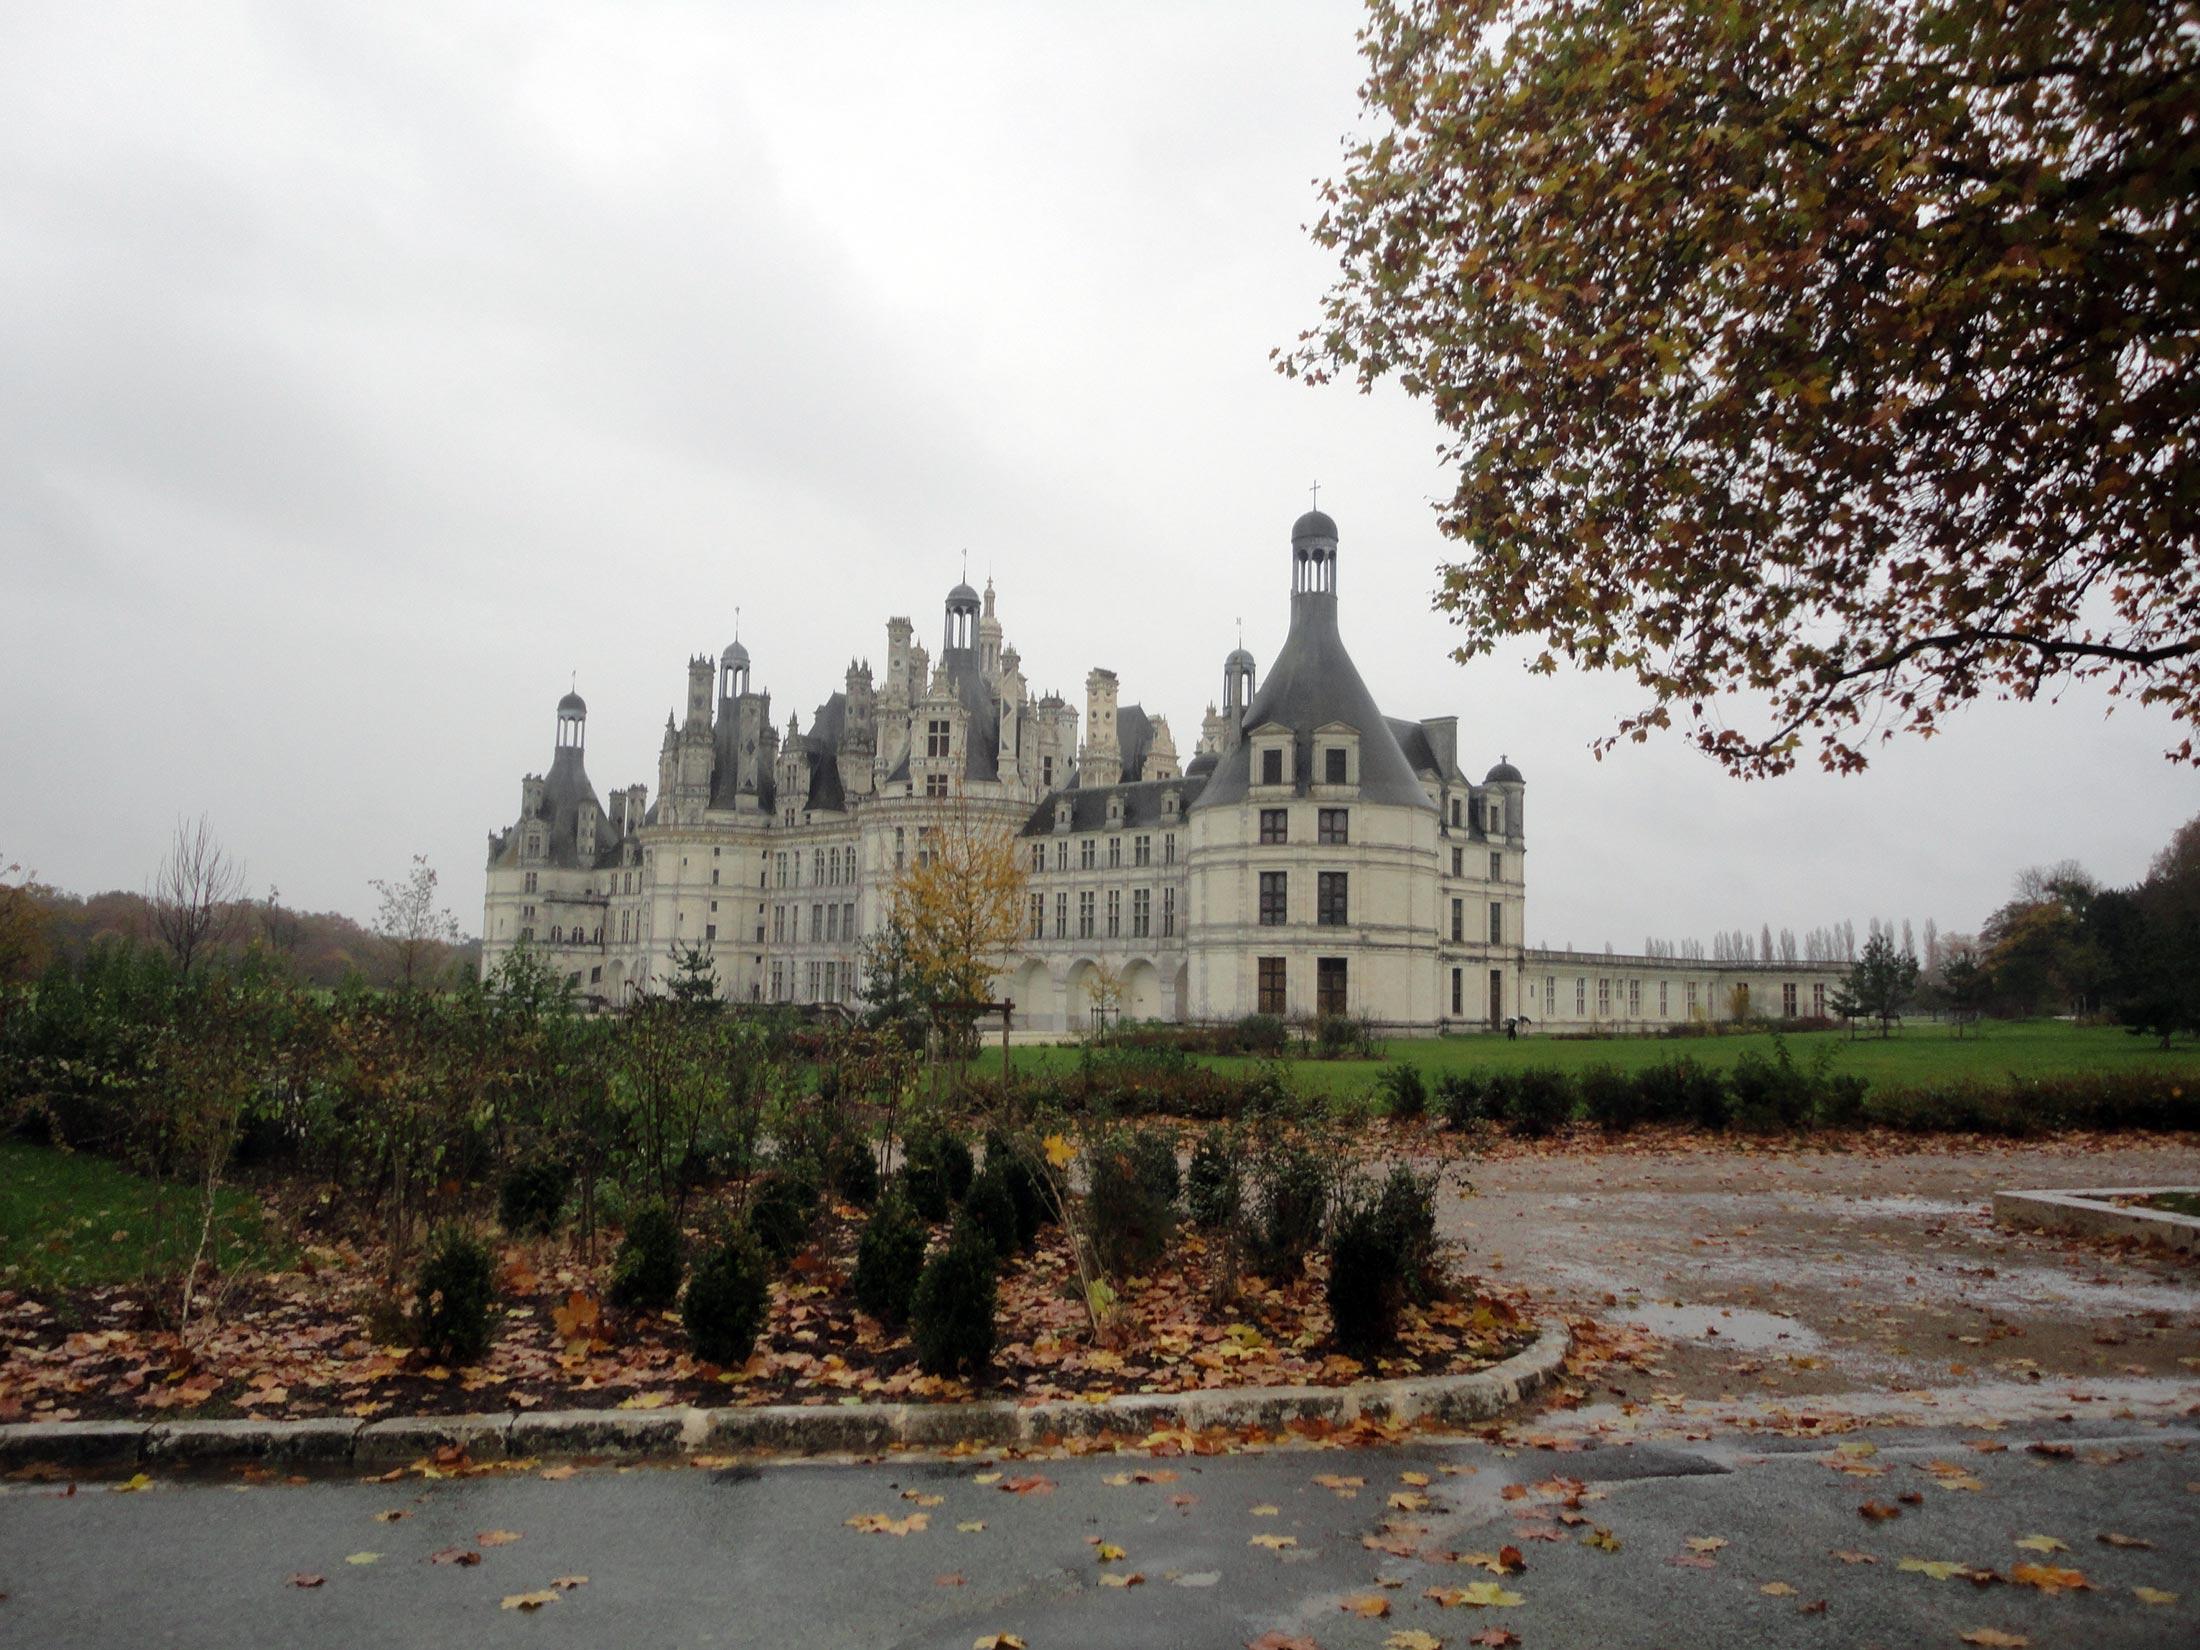 экскурсия по замкам долины Луары из Парижа